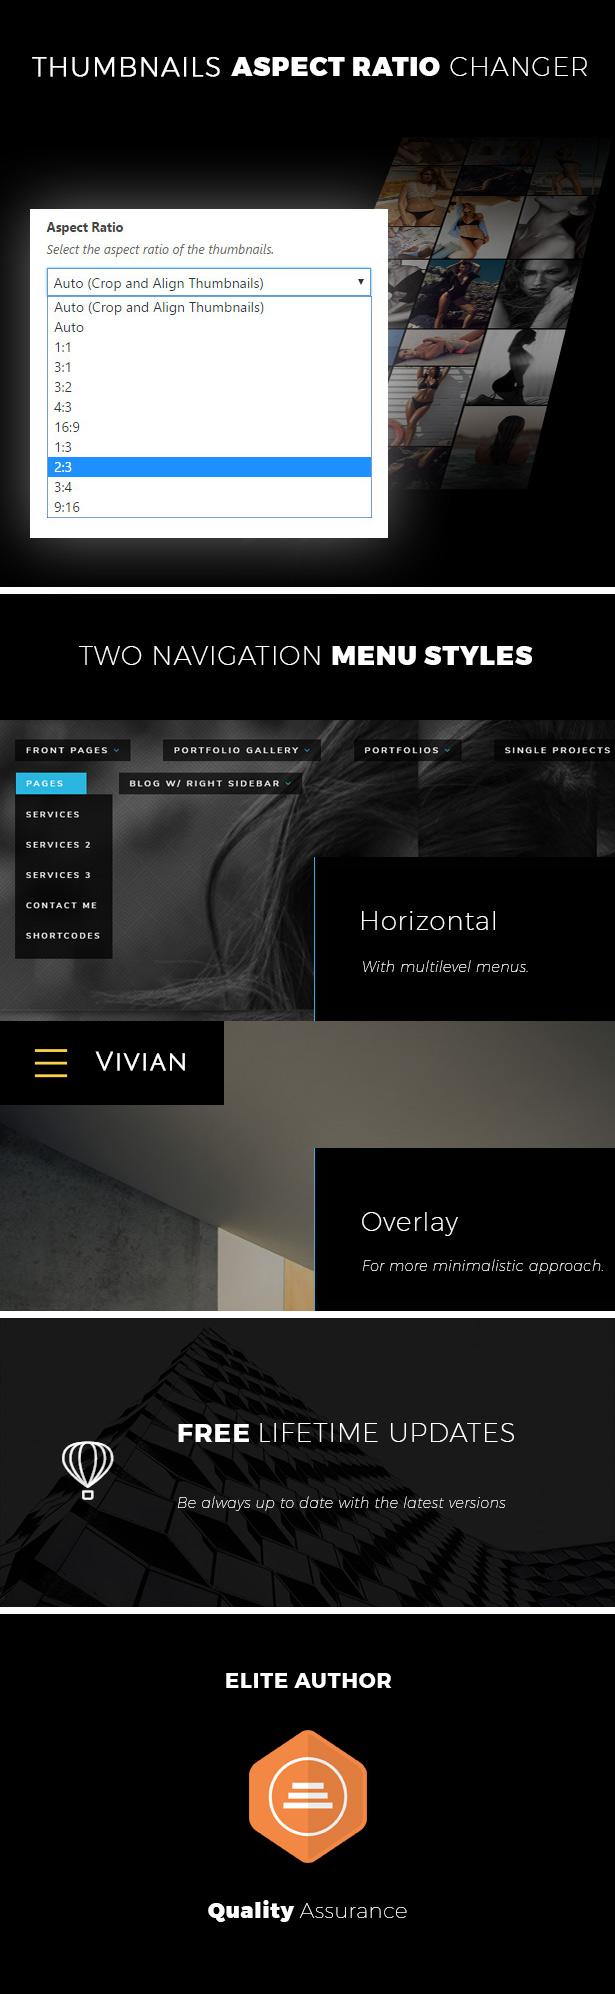 Vivian Beschreibung